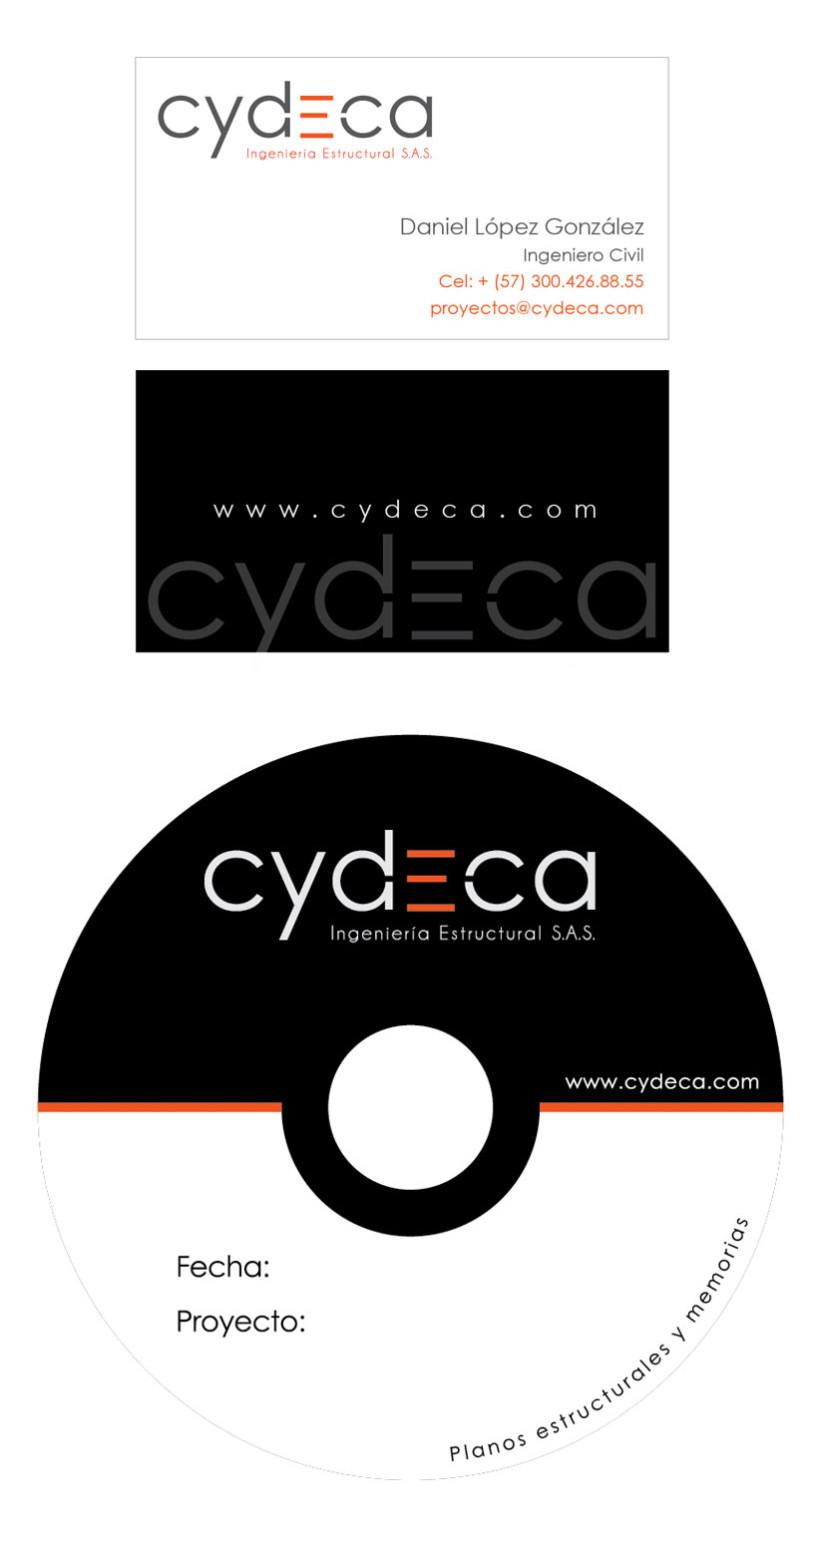 cydeca